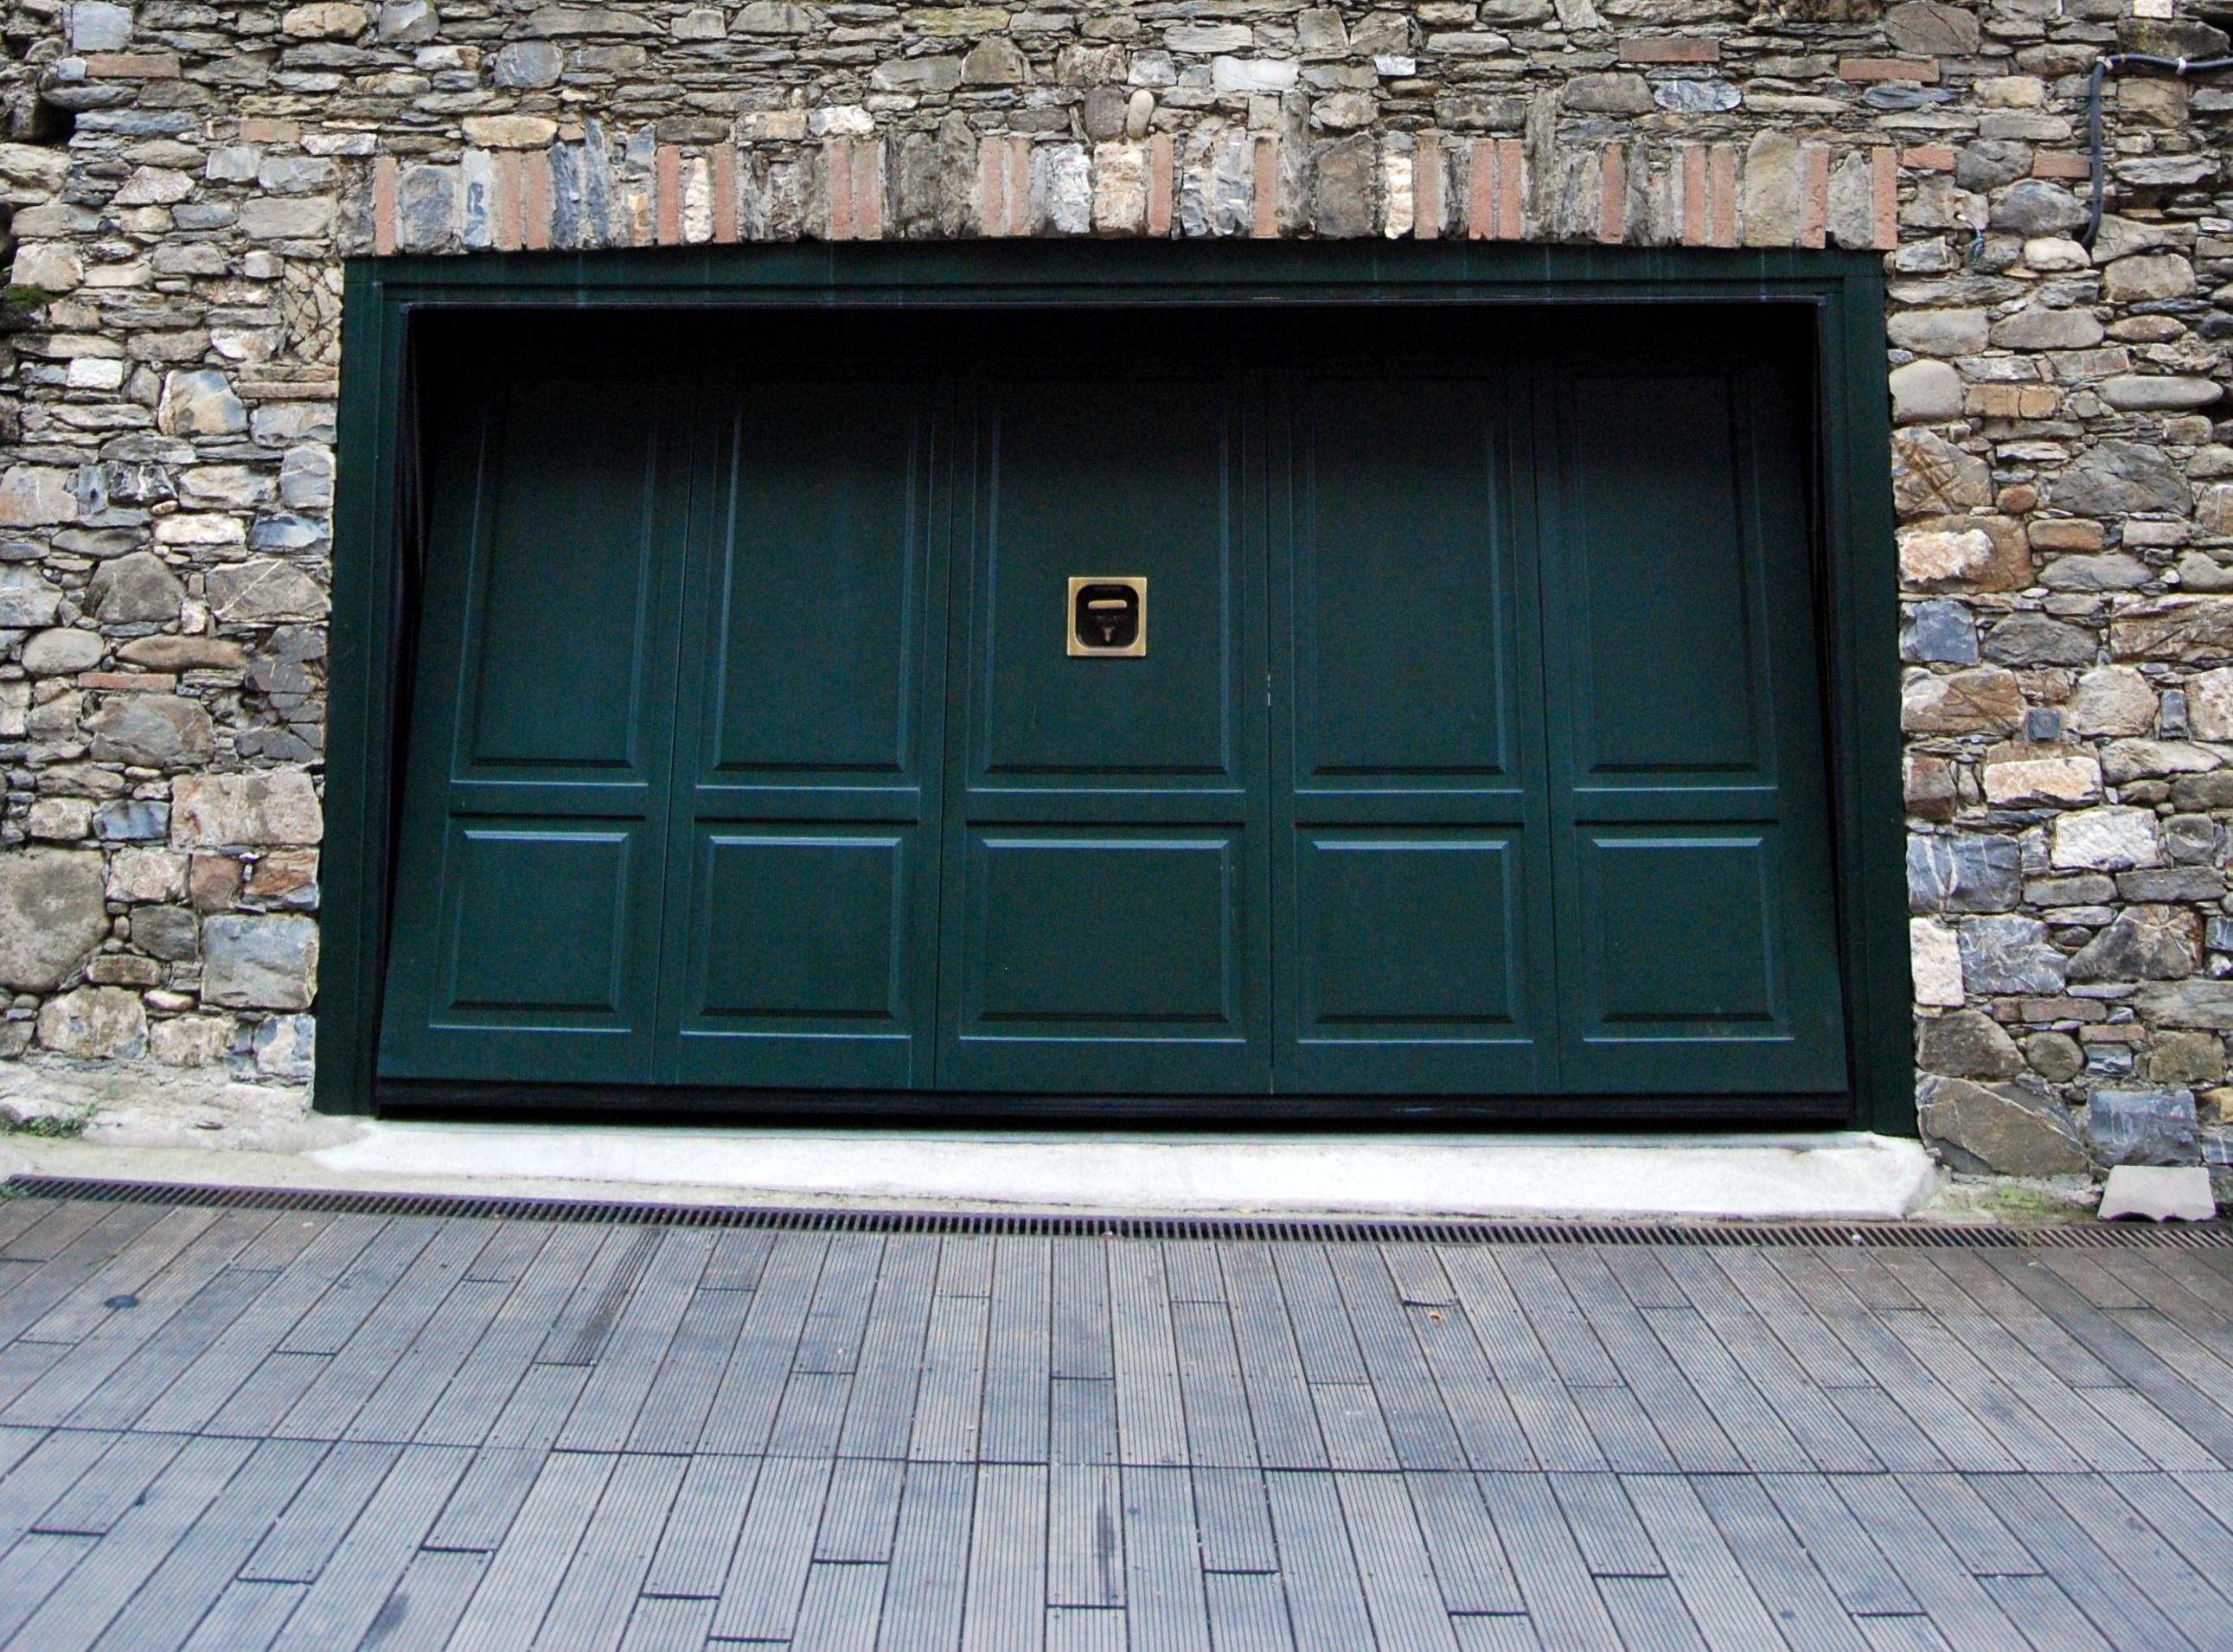 Puertas cochera perfect puertas de garaje seccionales - Puerta para cochera ...